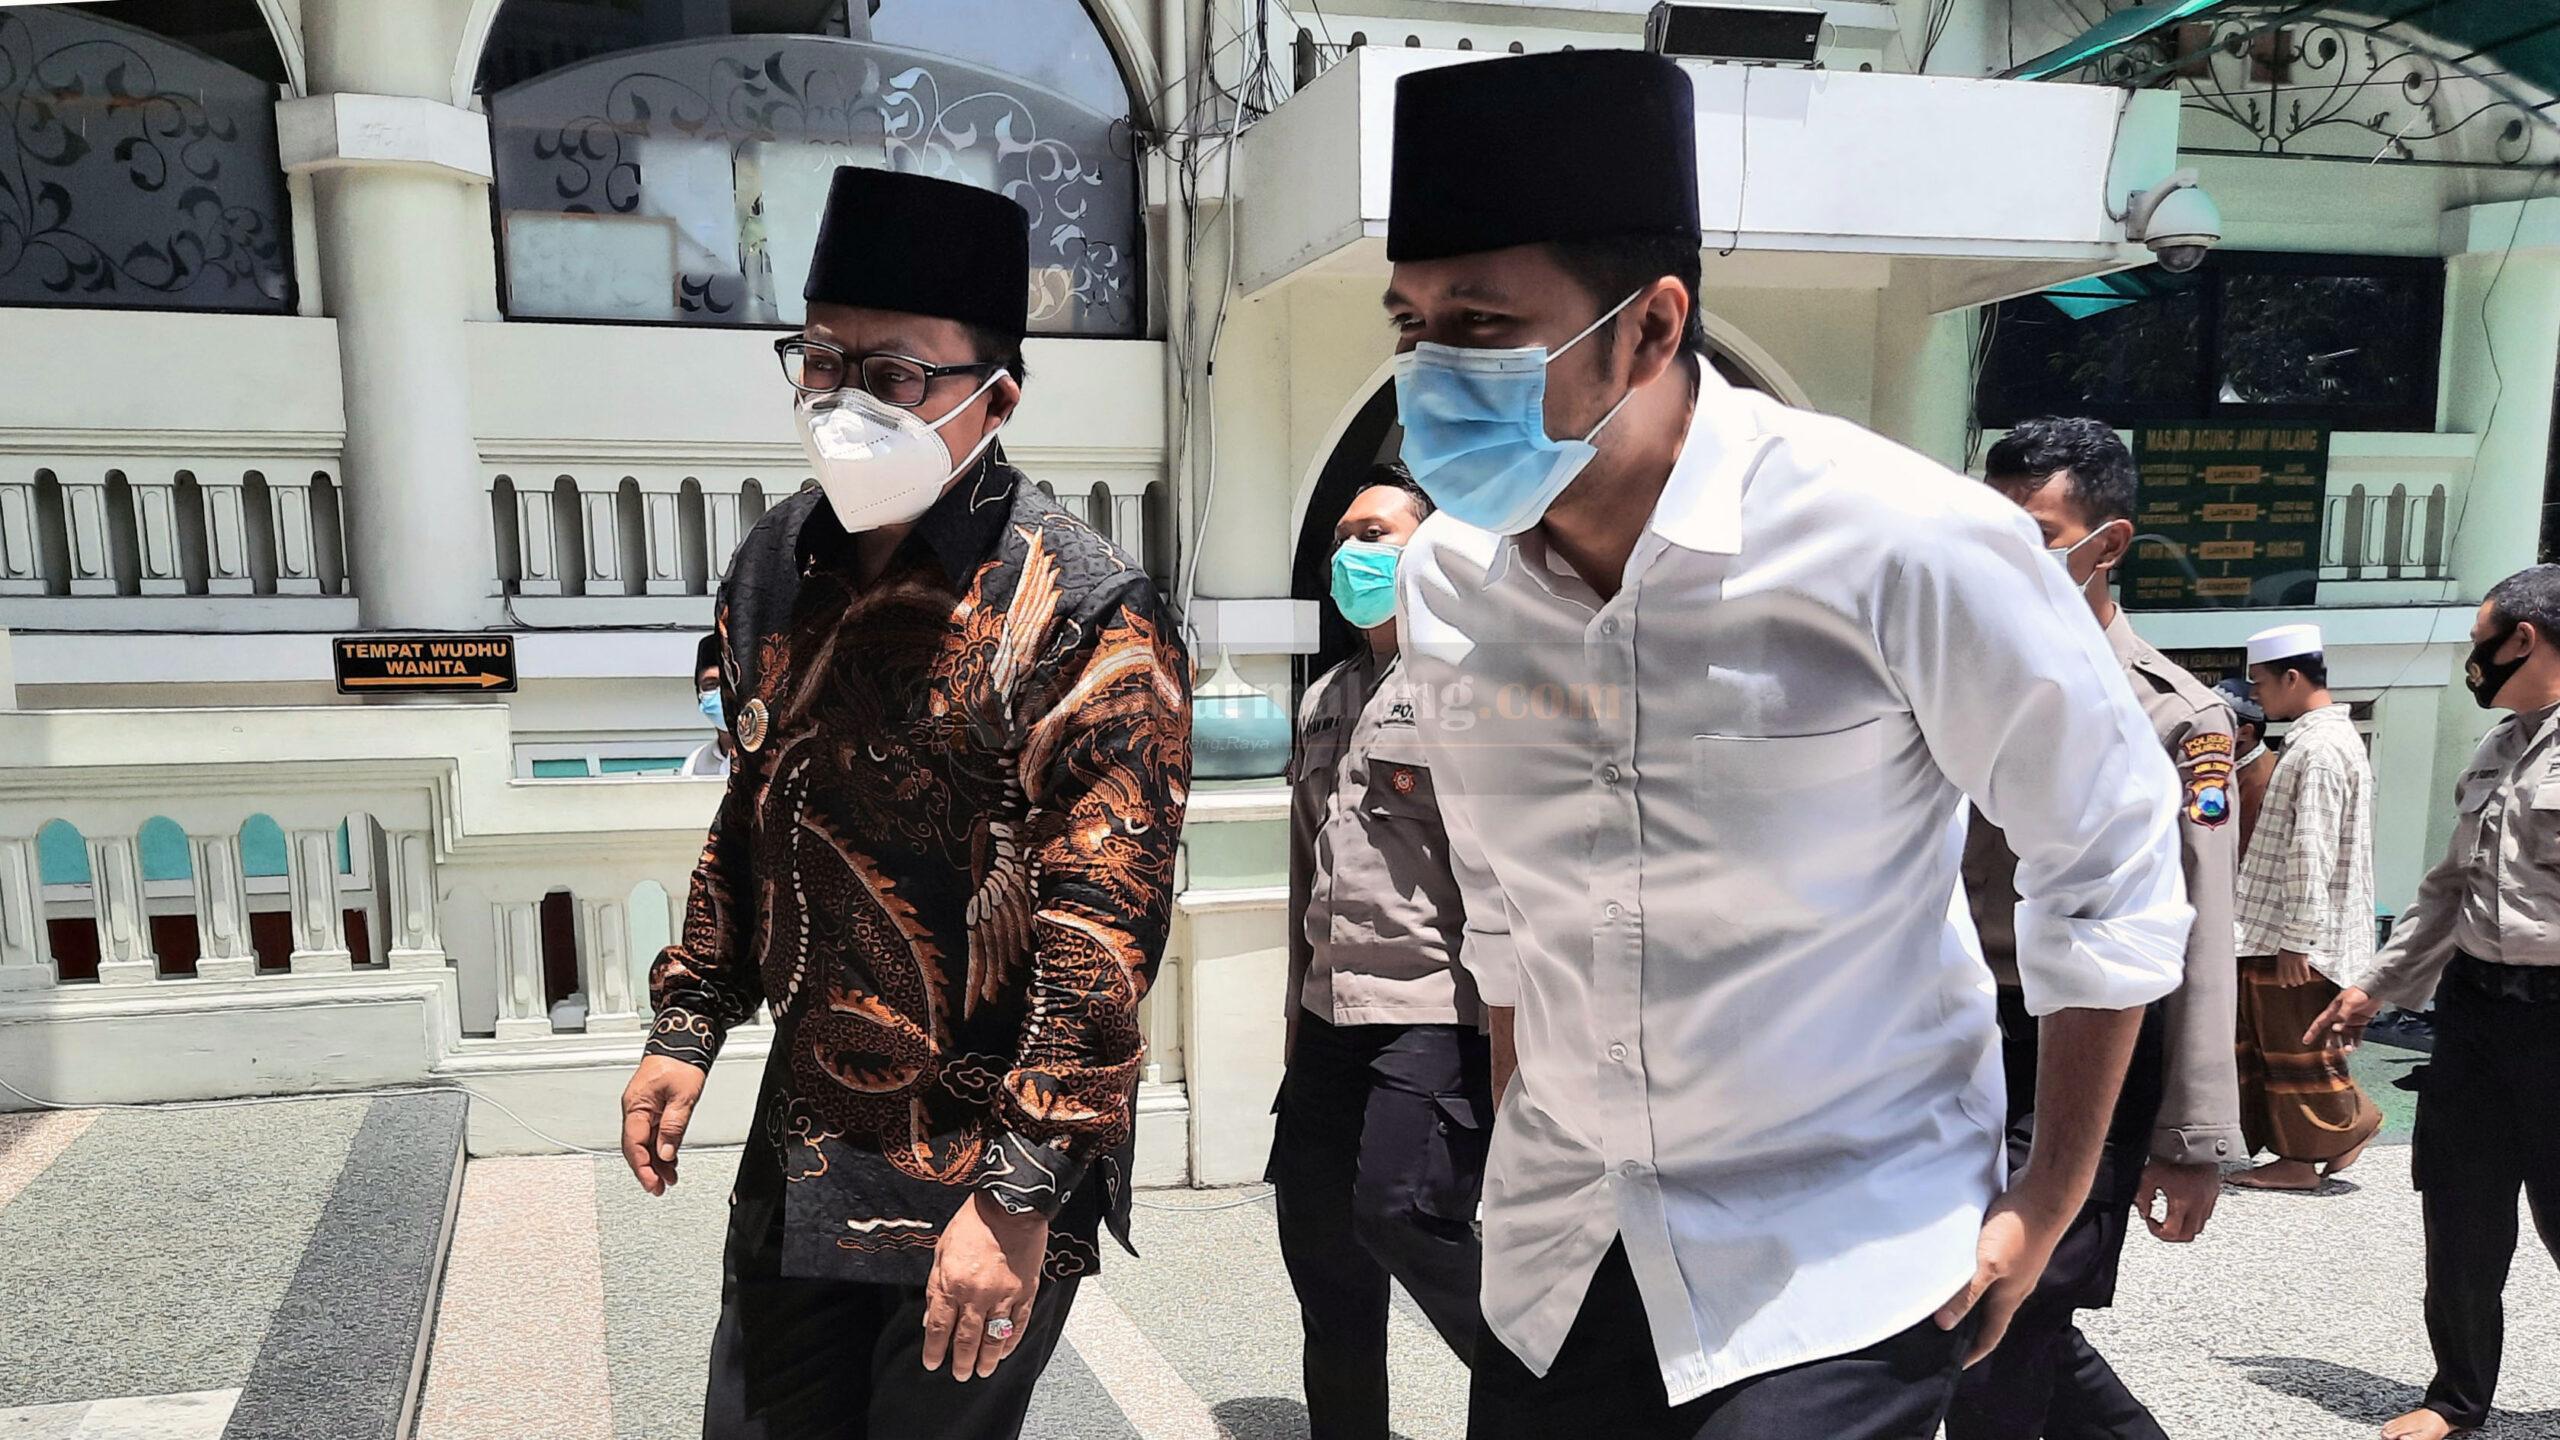 Wagub Jatim Emil Dardak Puji Program Masjid Tangguh Kota Malang